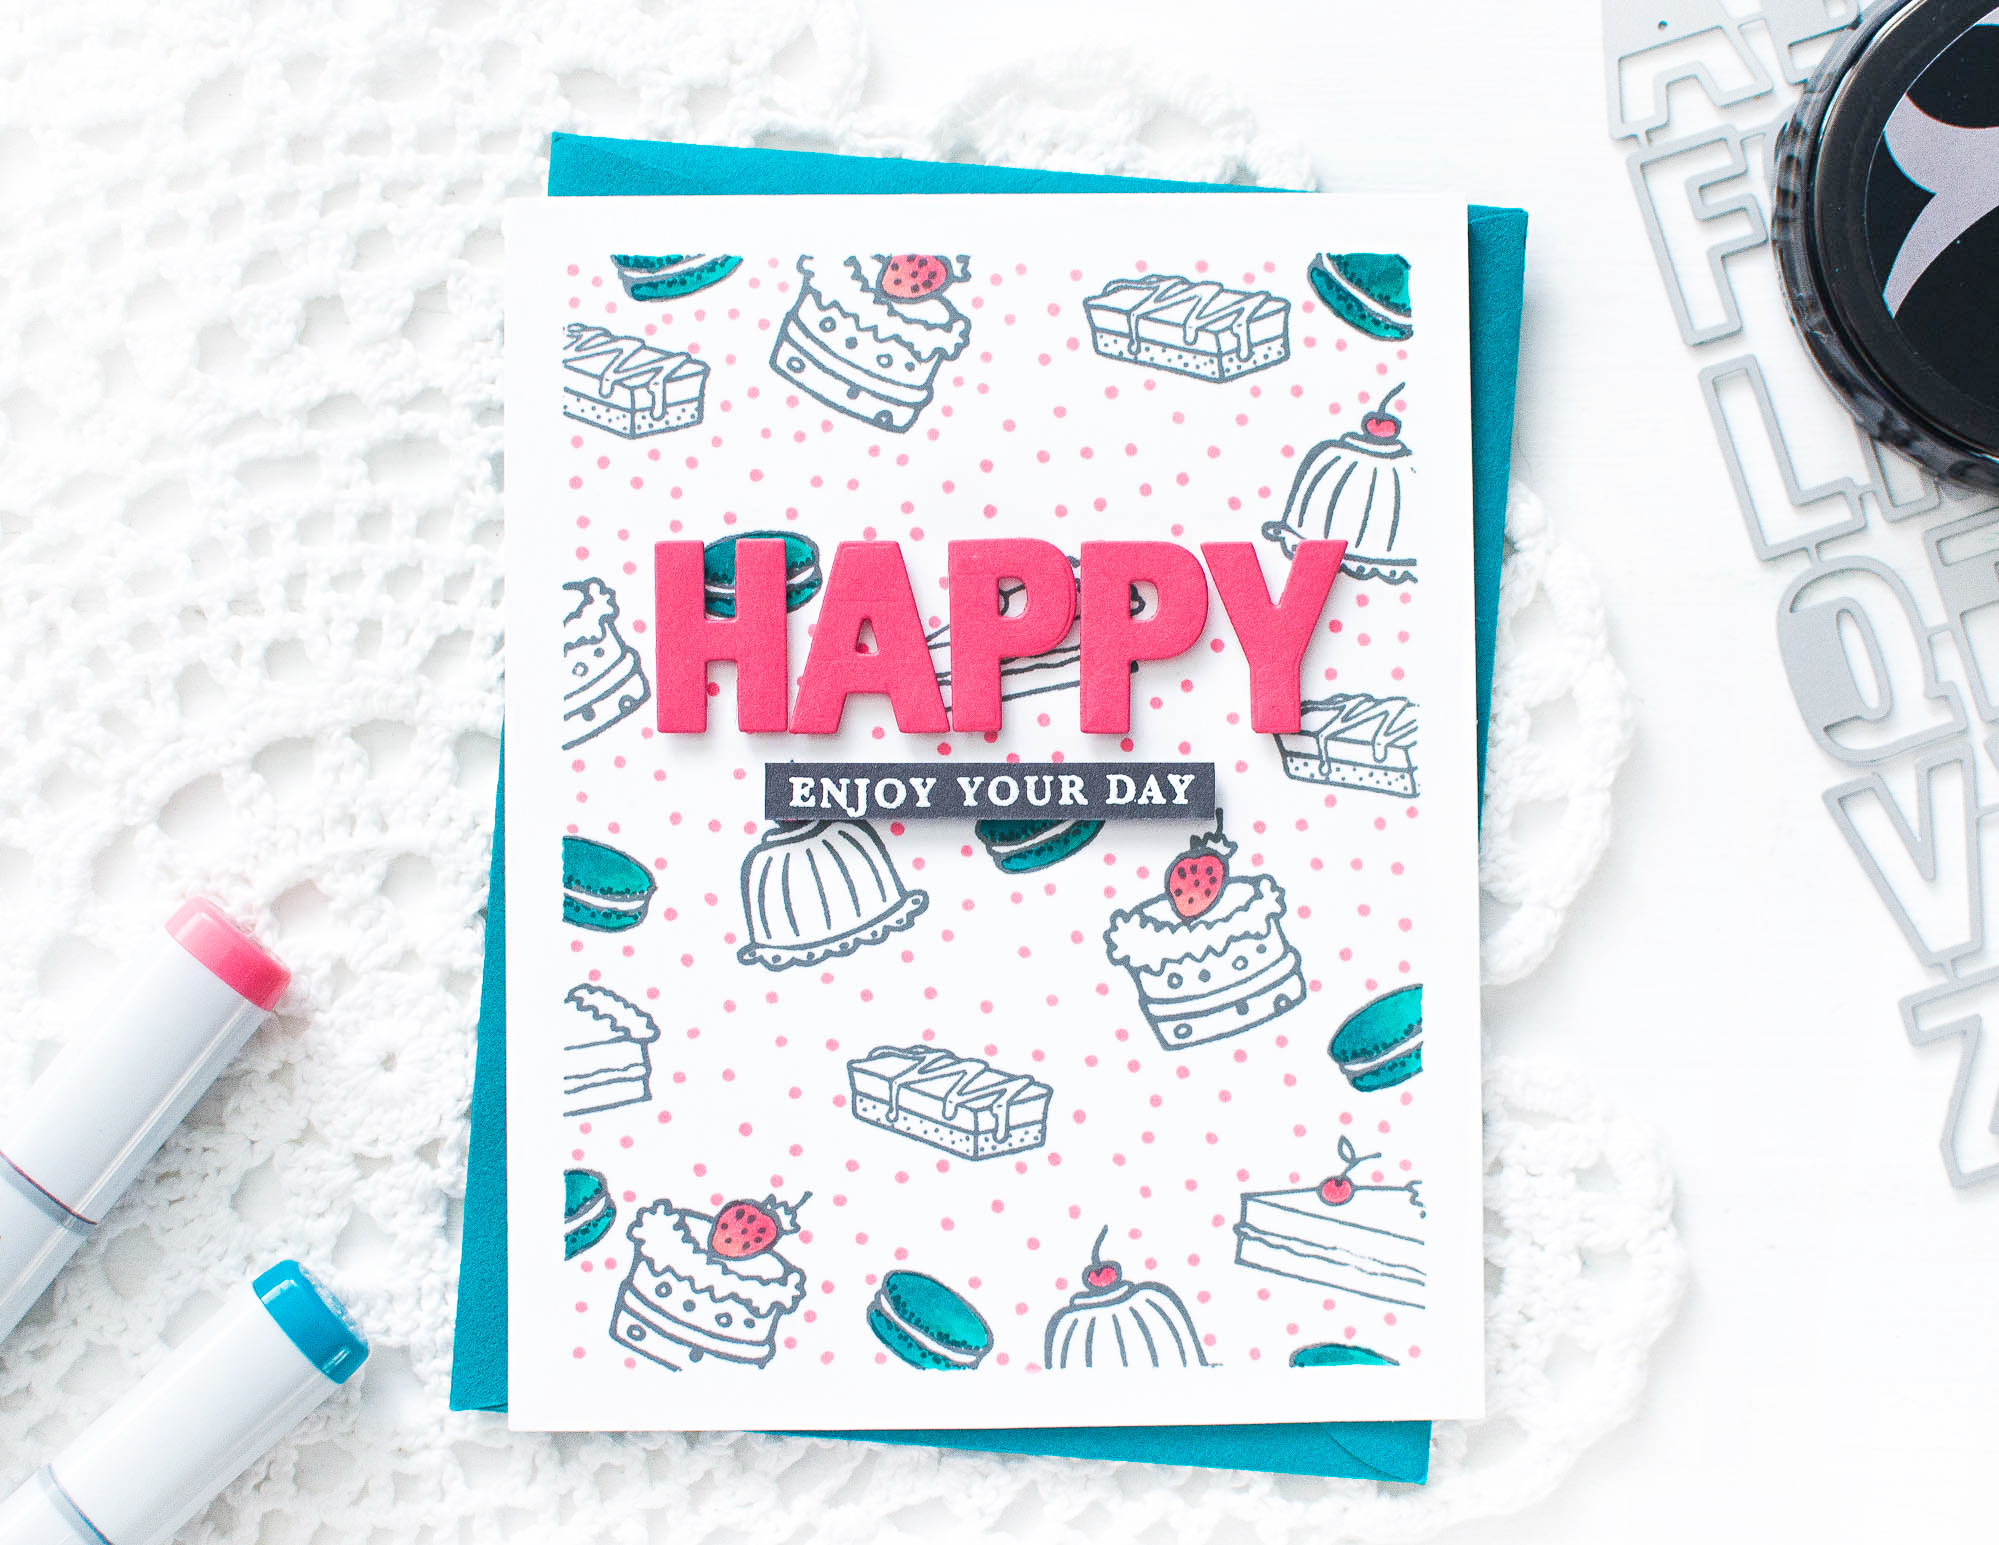 hero-arts-spring-2017-catalog-release-blog-hop-giveaway